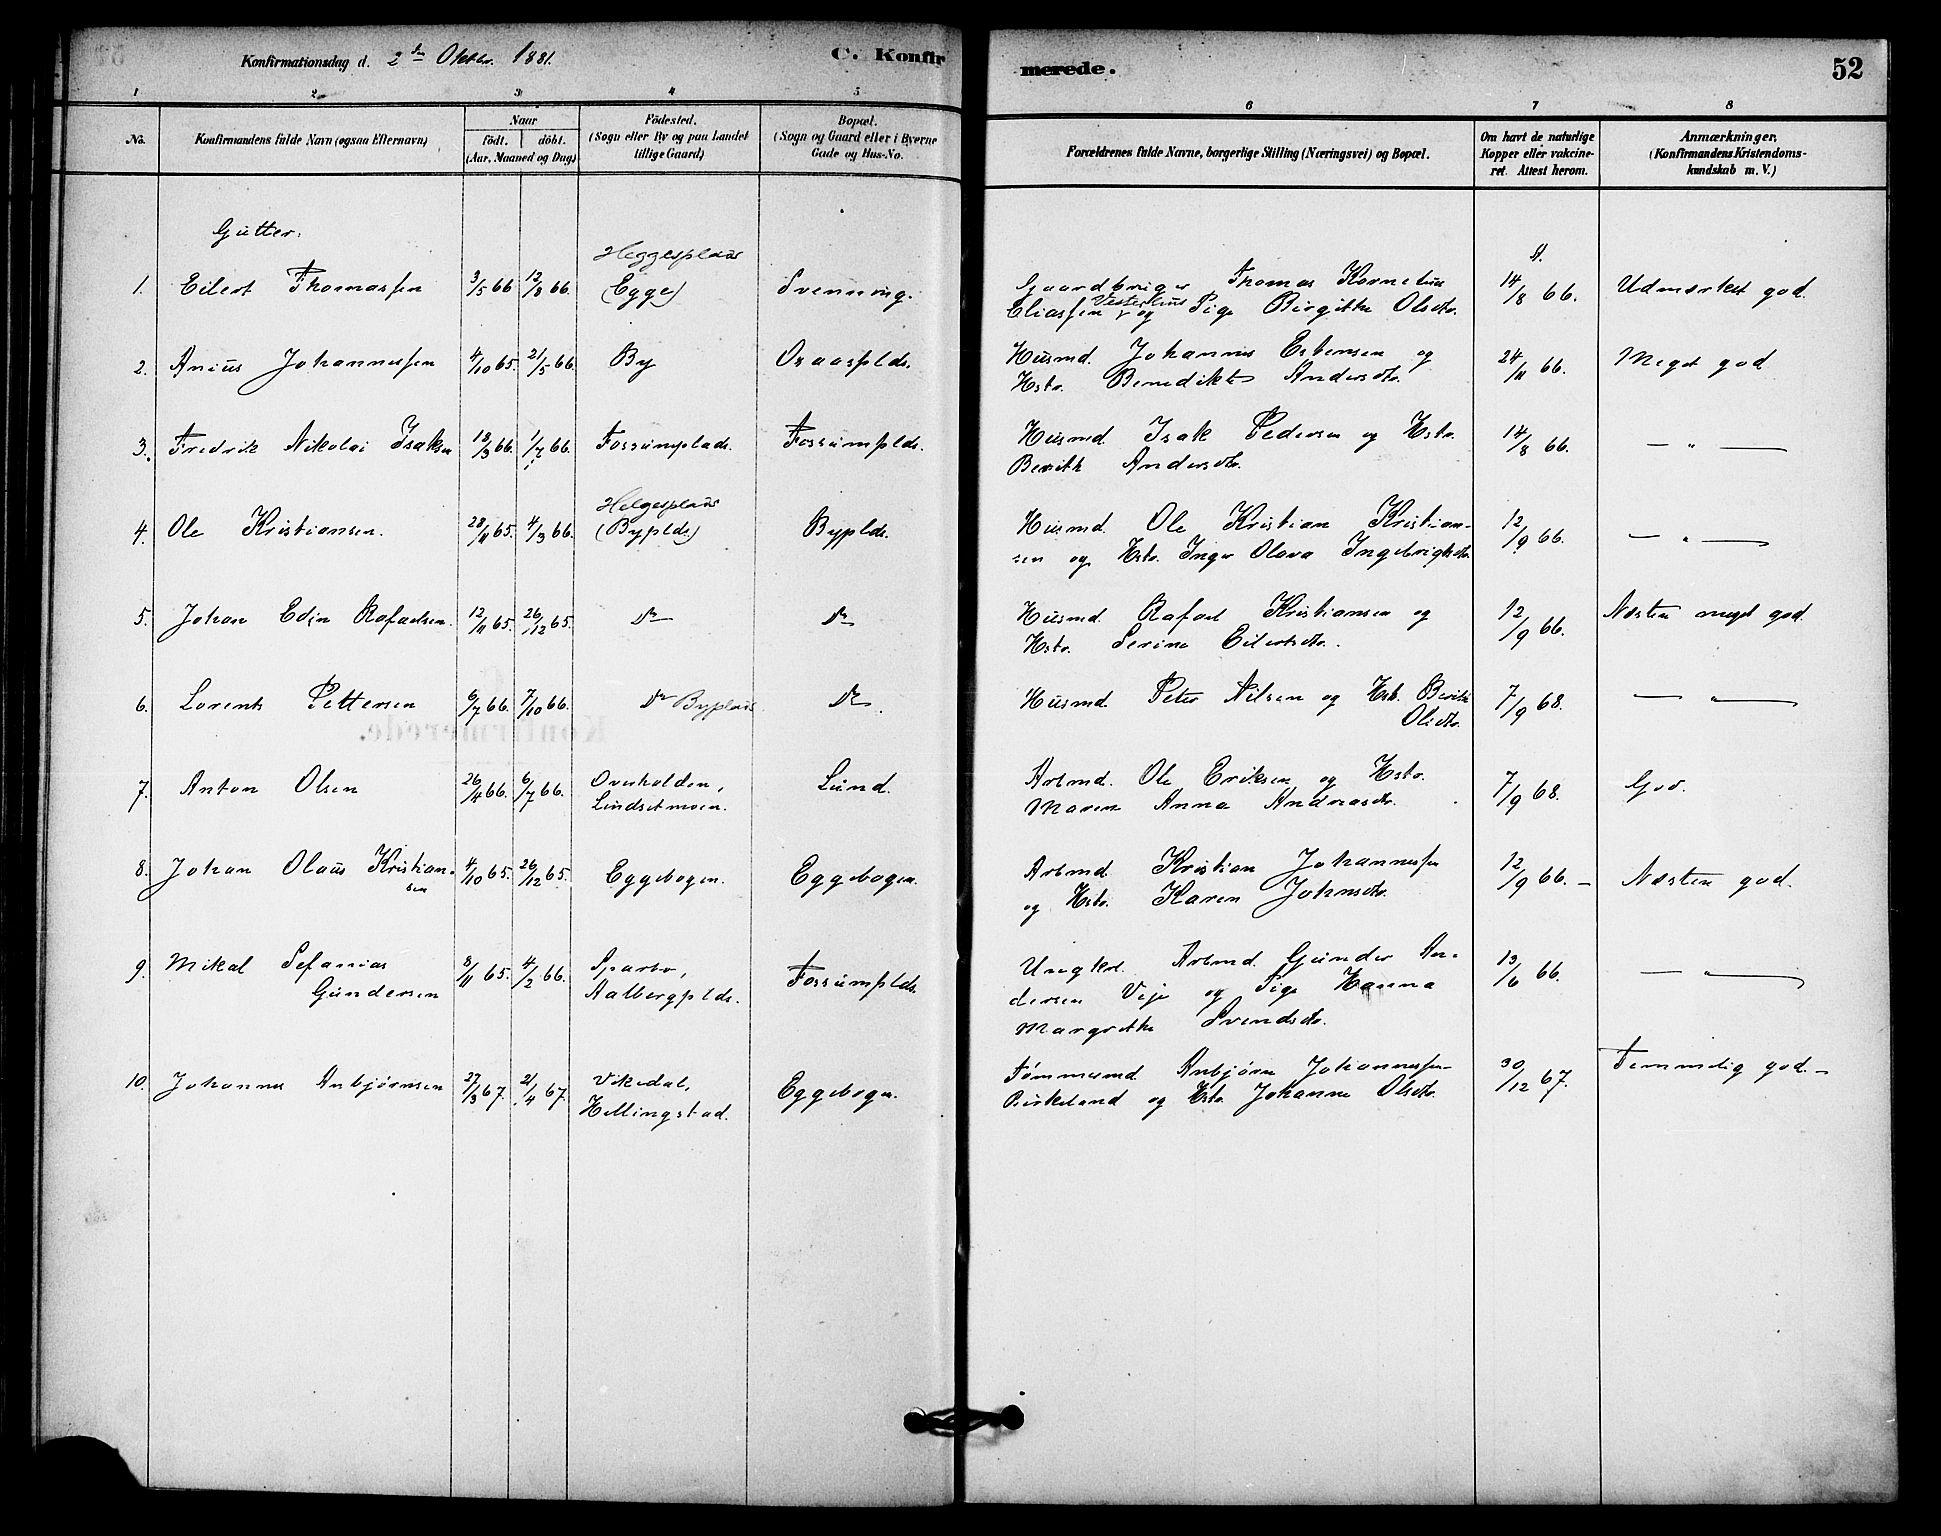 SAT, Ministerialprotokoller, klokkerbøker og fødselsregistre - Nord-Trøndelag, 740/L0378: Ministerialbok nr. 740A01, 1881-1895, s. 52